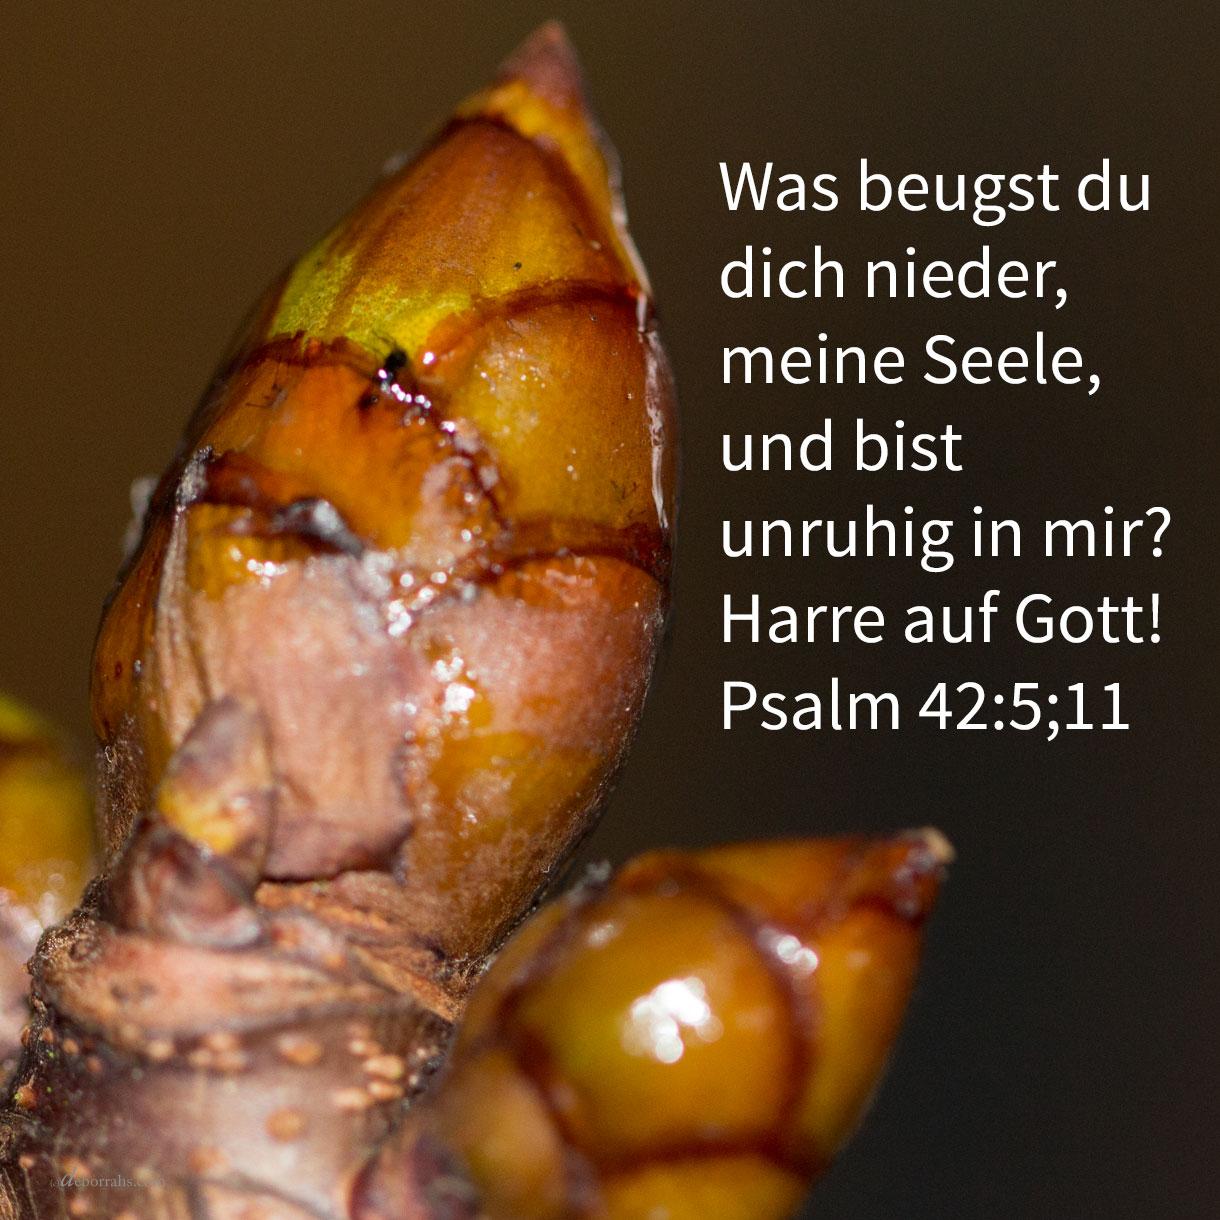 Was beugst du dich nieder, meine Seele, und bist unruhig in mir? Harre auf Gott! ( Psalm 42:5;11 )